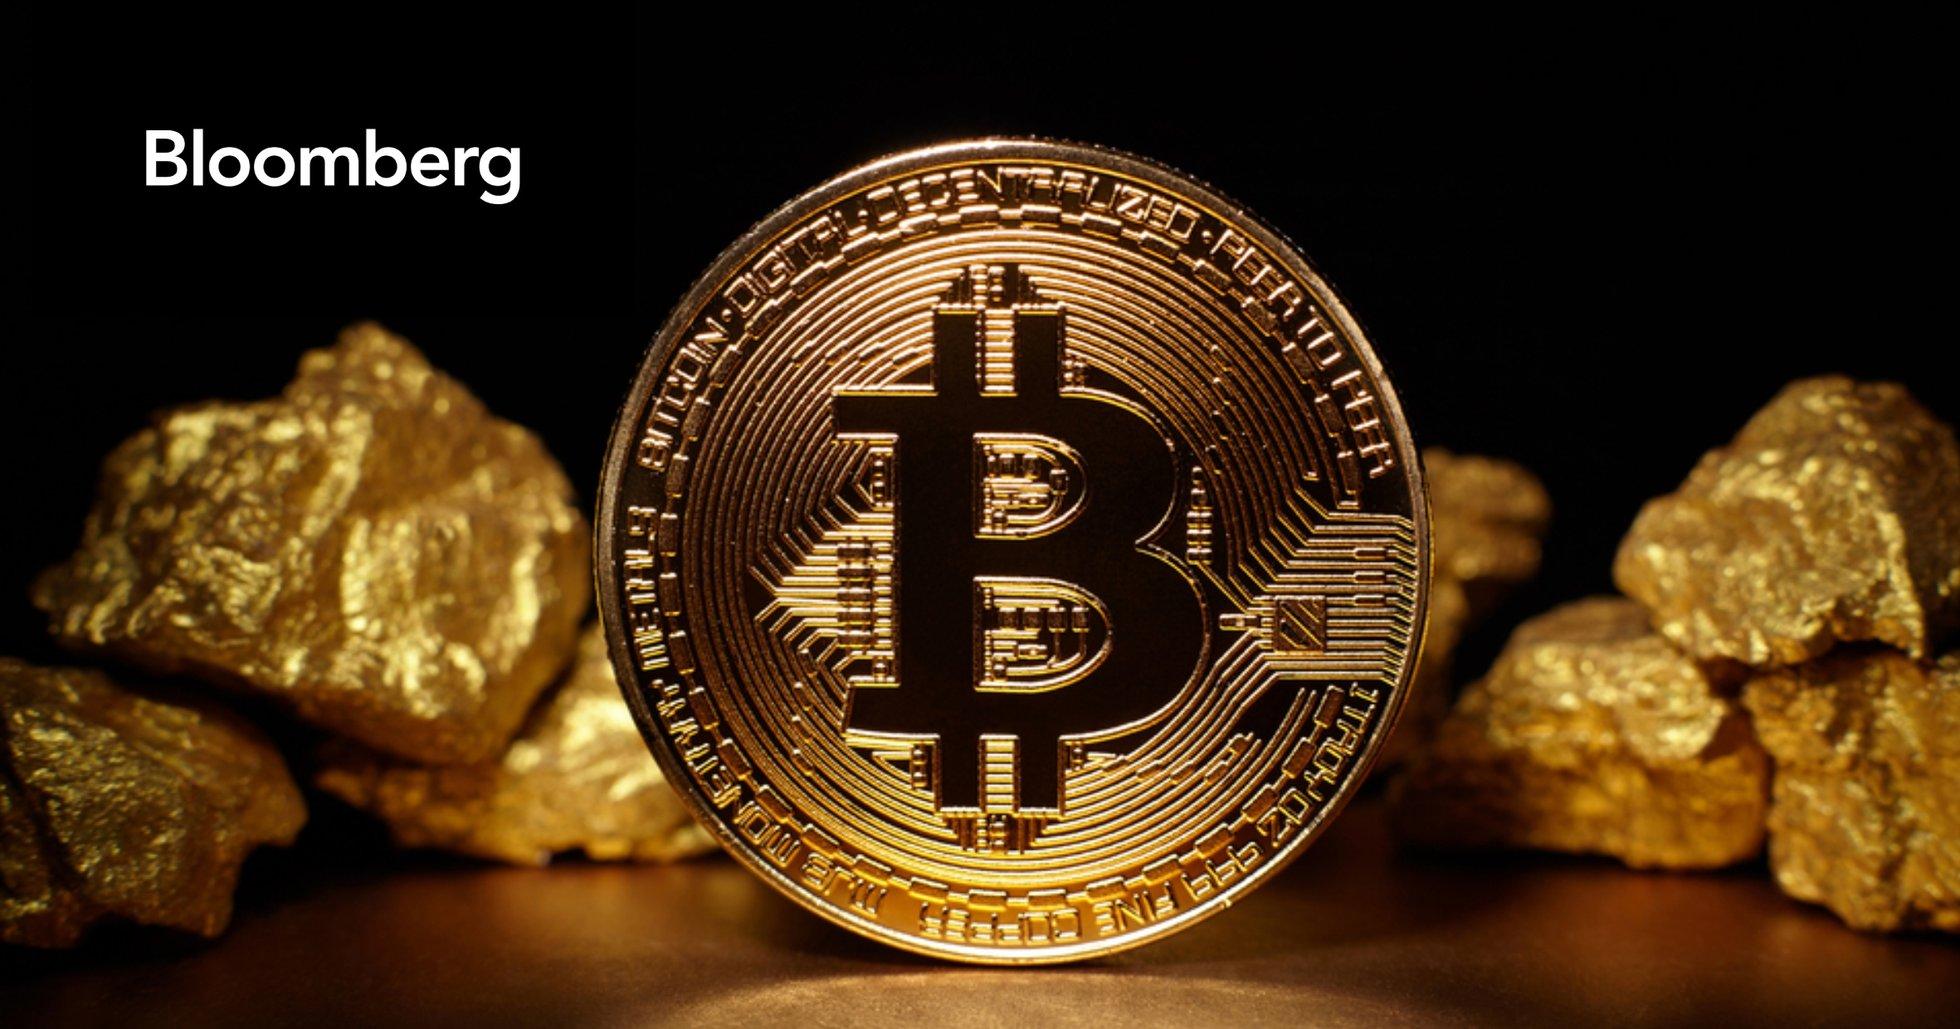 Bloomberg-analytiker: Bitcoin har en riktigt stor fördel jämfört med guld